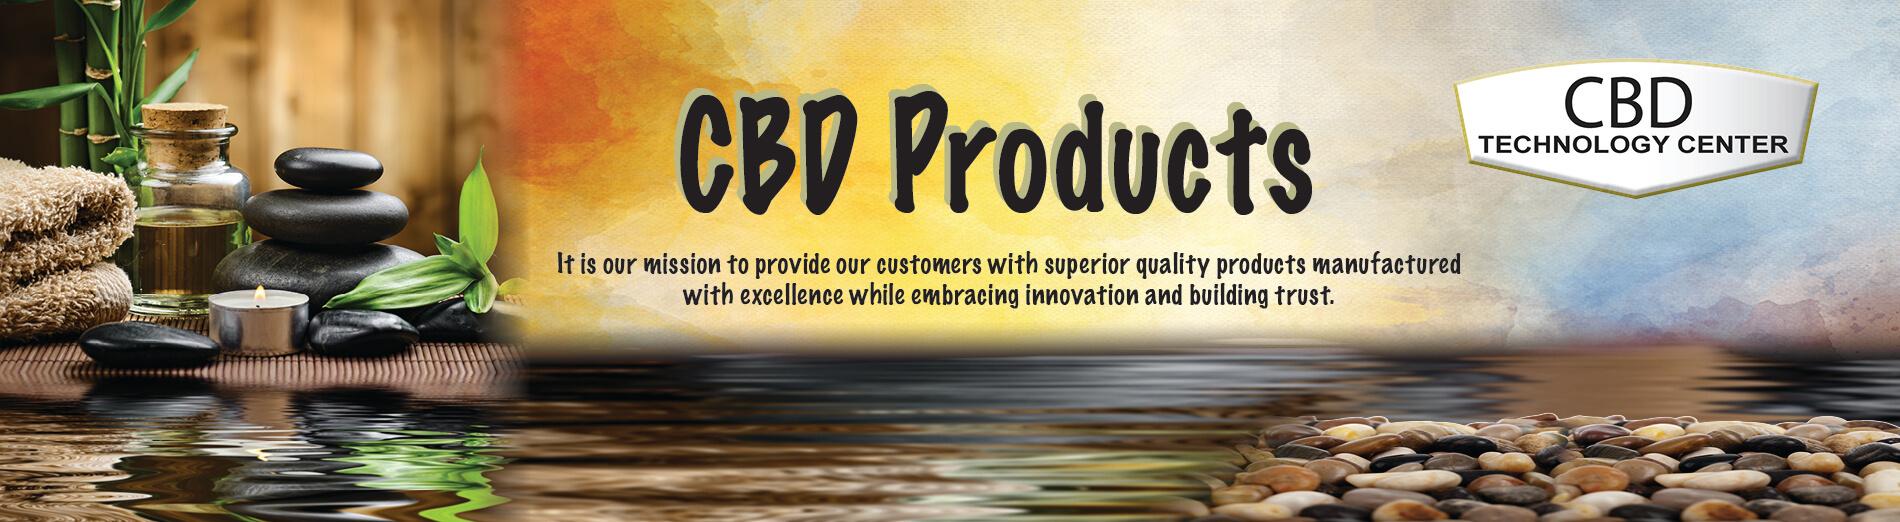 CBD Technology Center